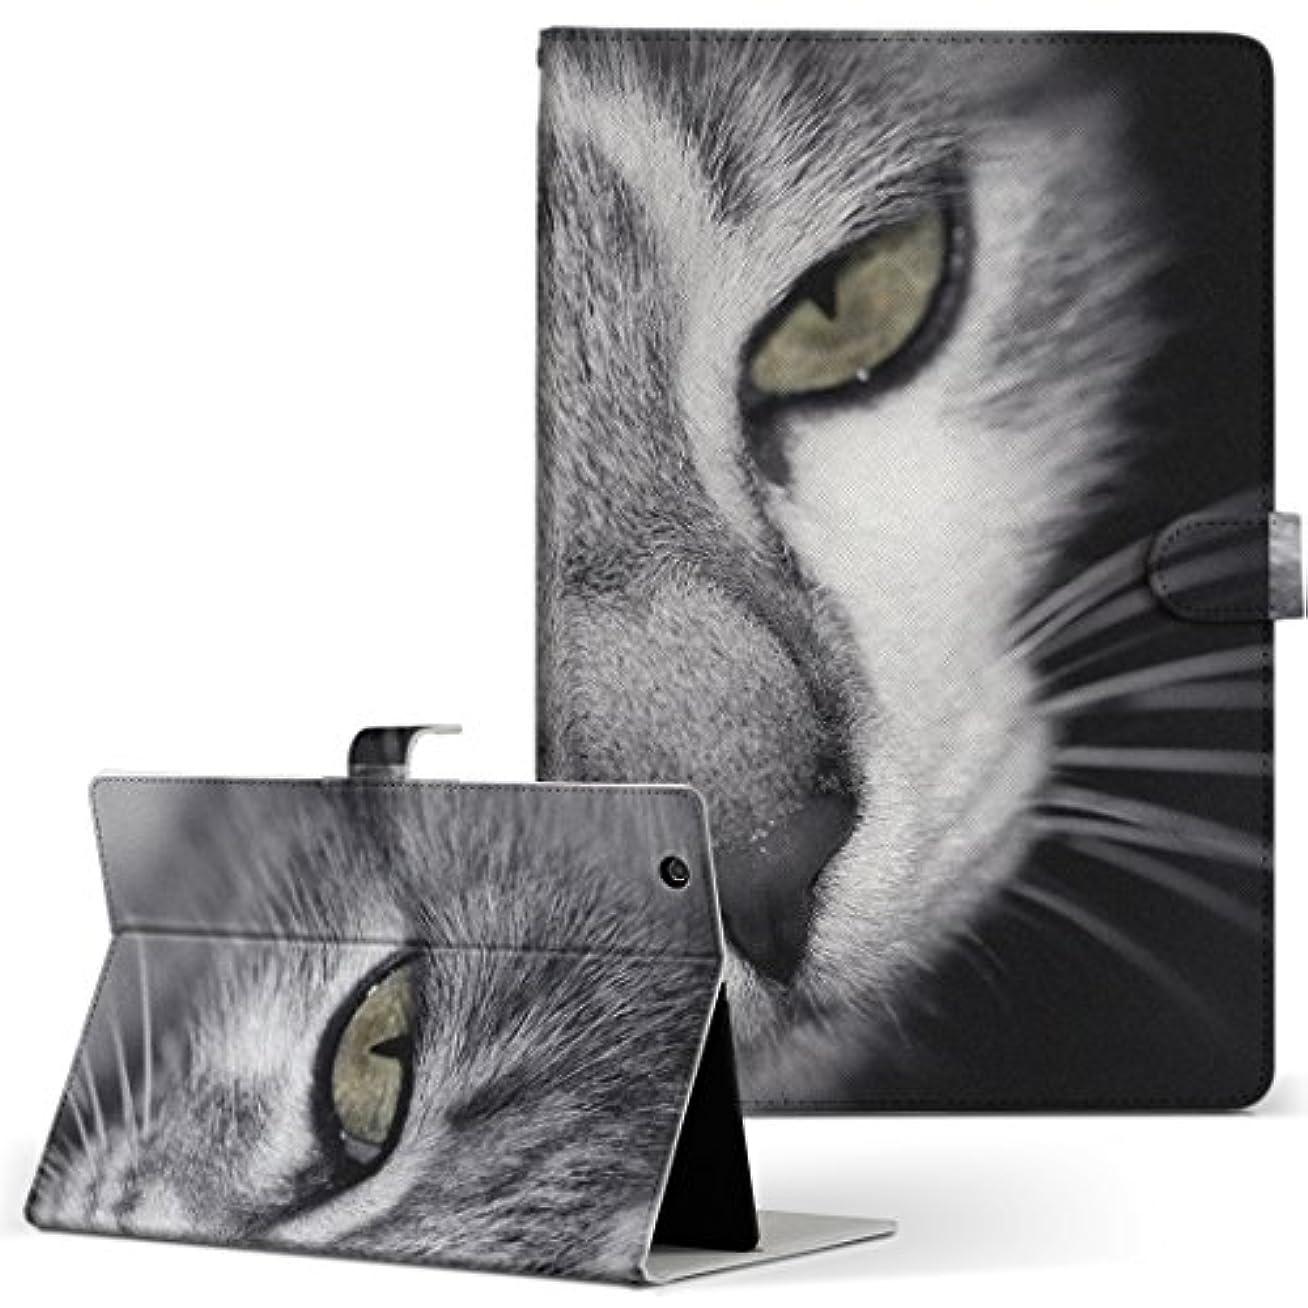 セレナ熱帯の受け皿igcase Xperia Tablet Z SO-03E SONY ソニー 用 タブレット 手帳型 タブレットケース タブレットカバー カバー レザー ケース 手帳タイプ フリップ ダイアリー 二つ折り 直接貼り付けタイプ 007896 アニマル 写真 猫 ねこ モノクロ